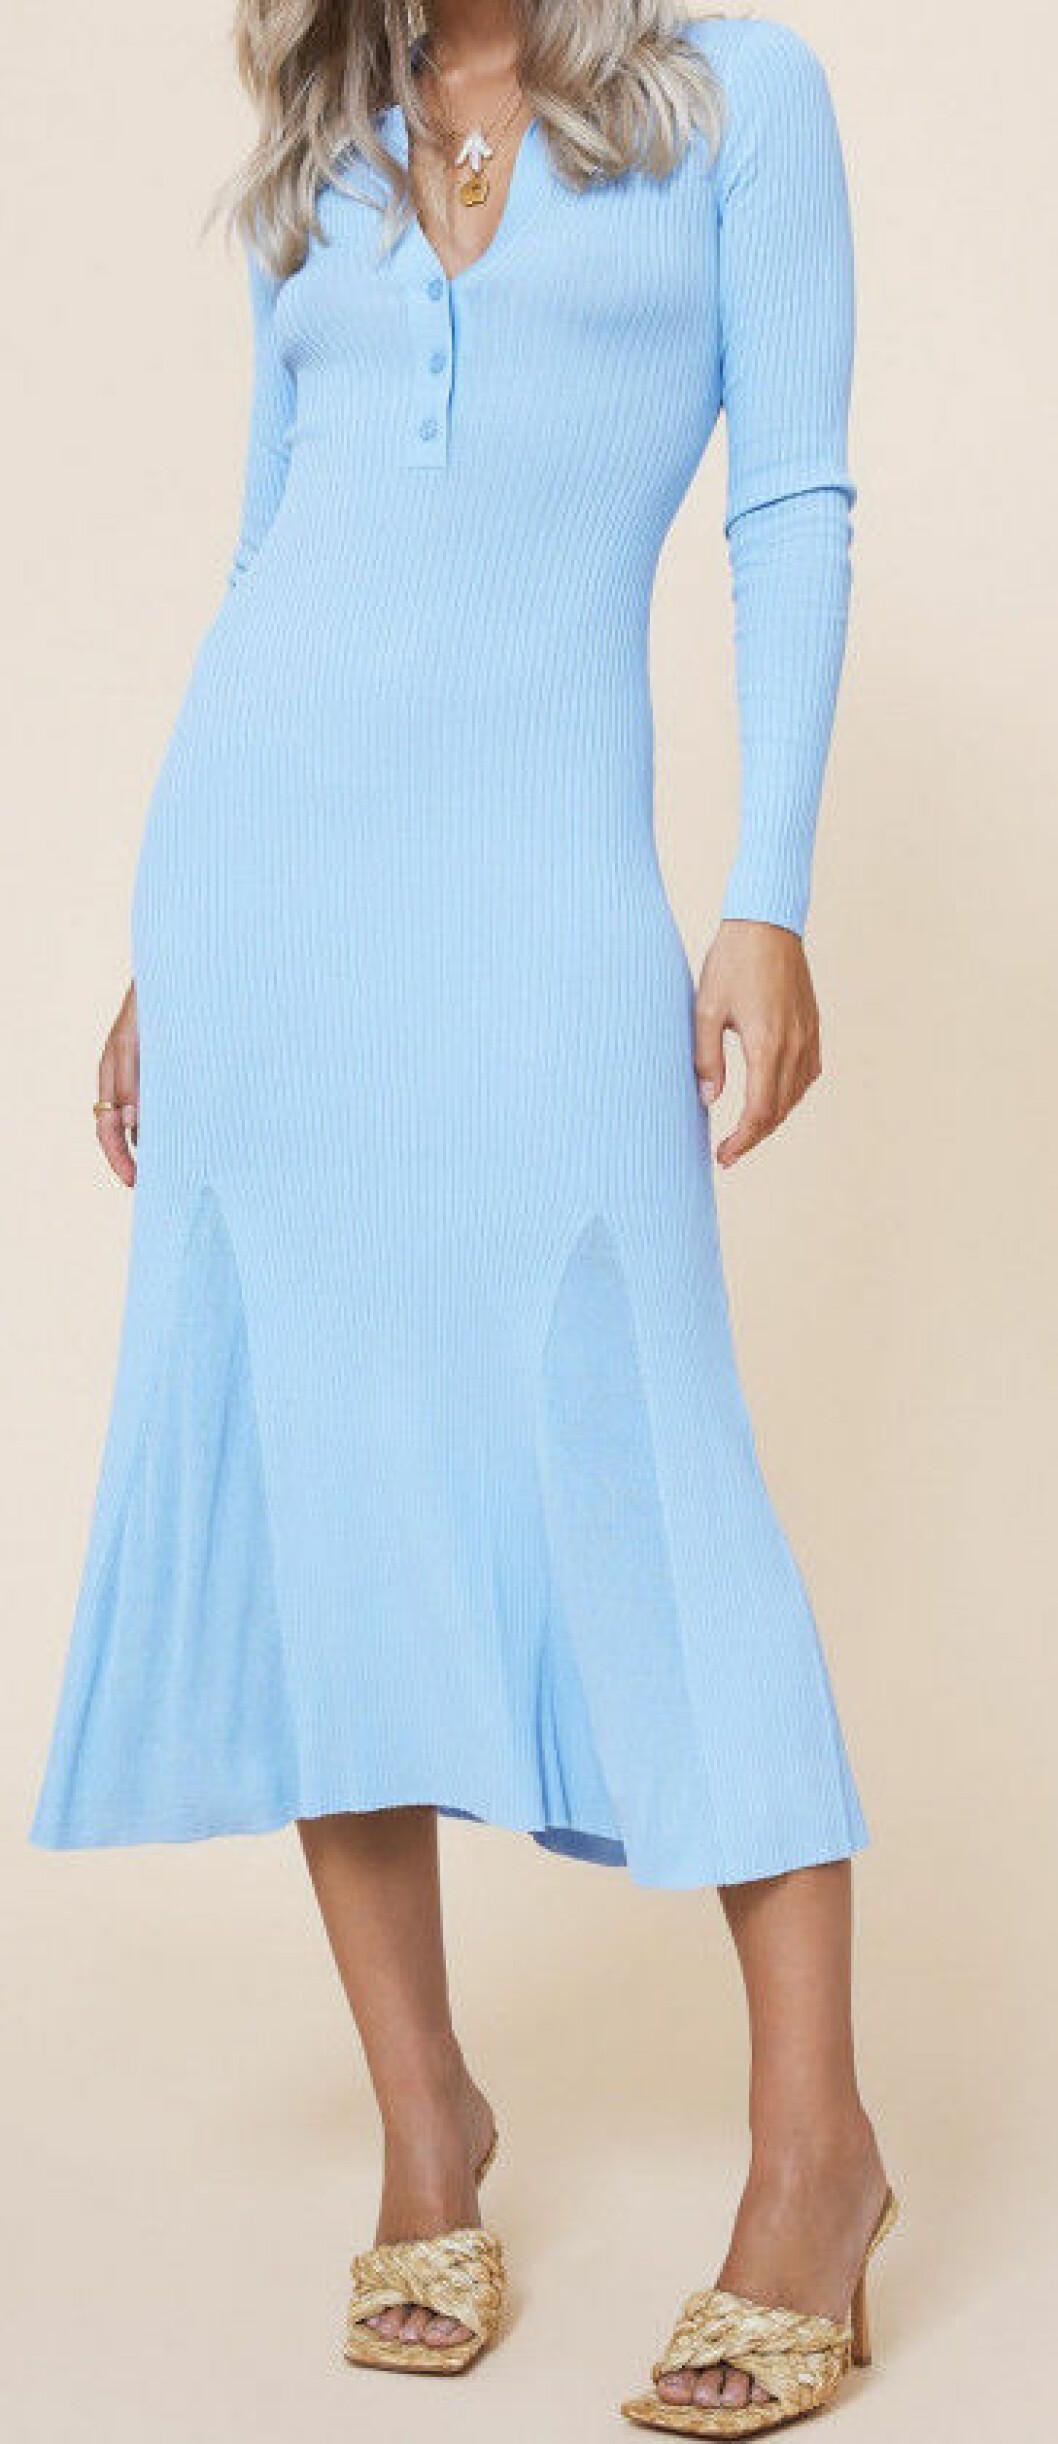 Ljusblå figurnära klänning från Adoore.